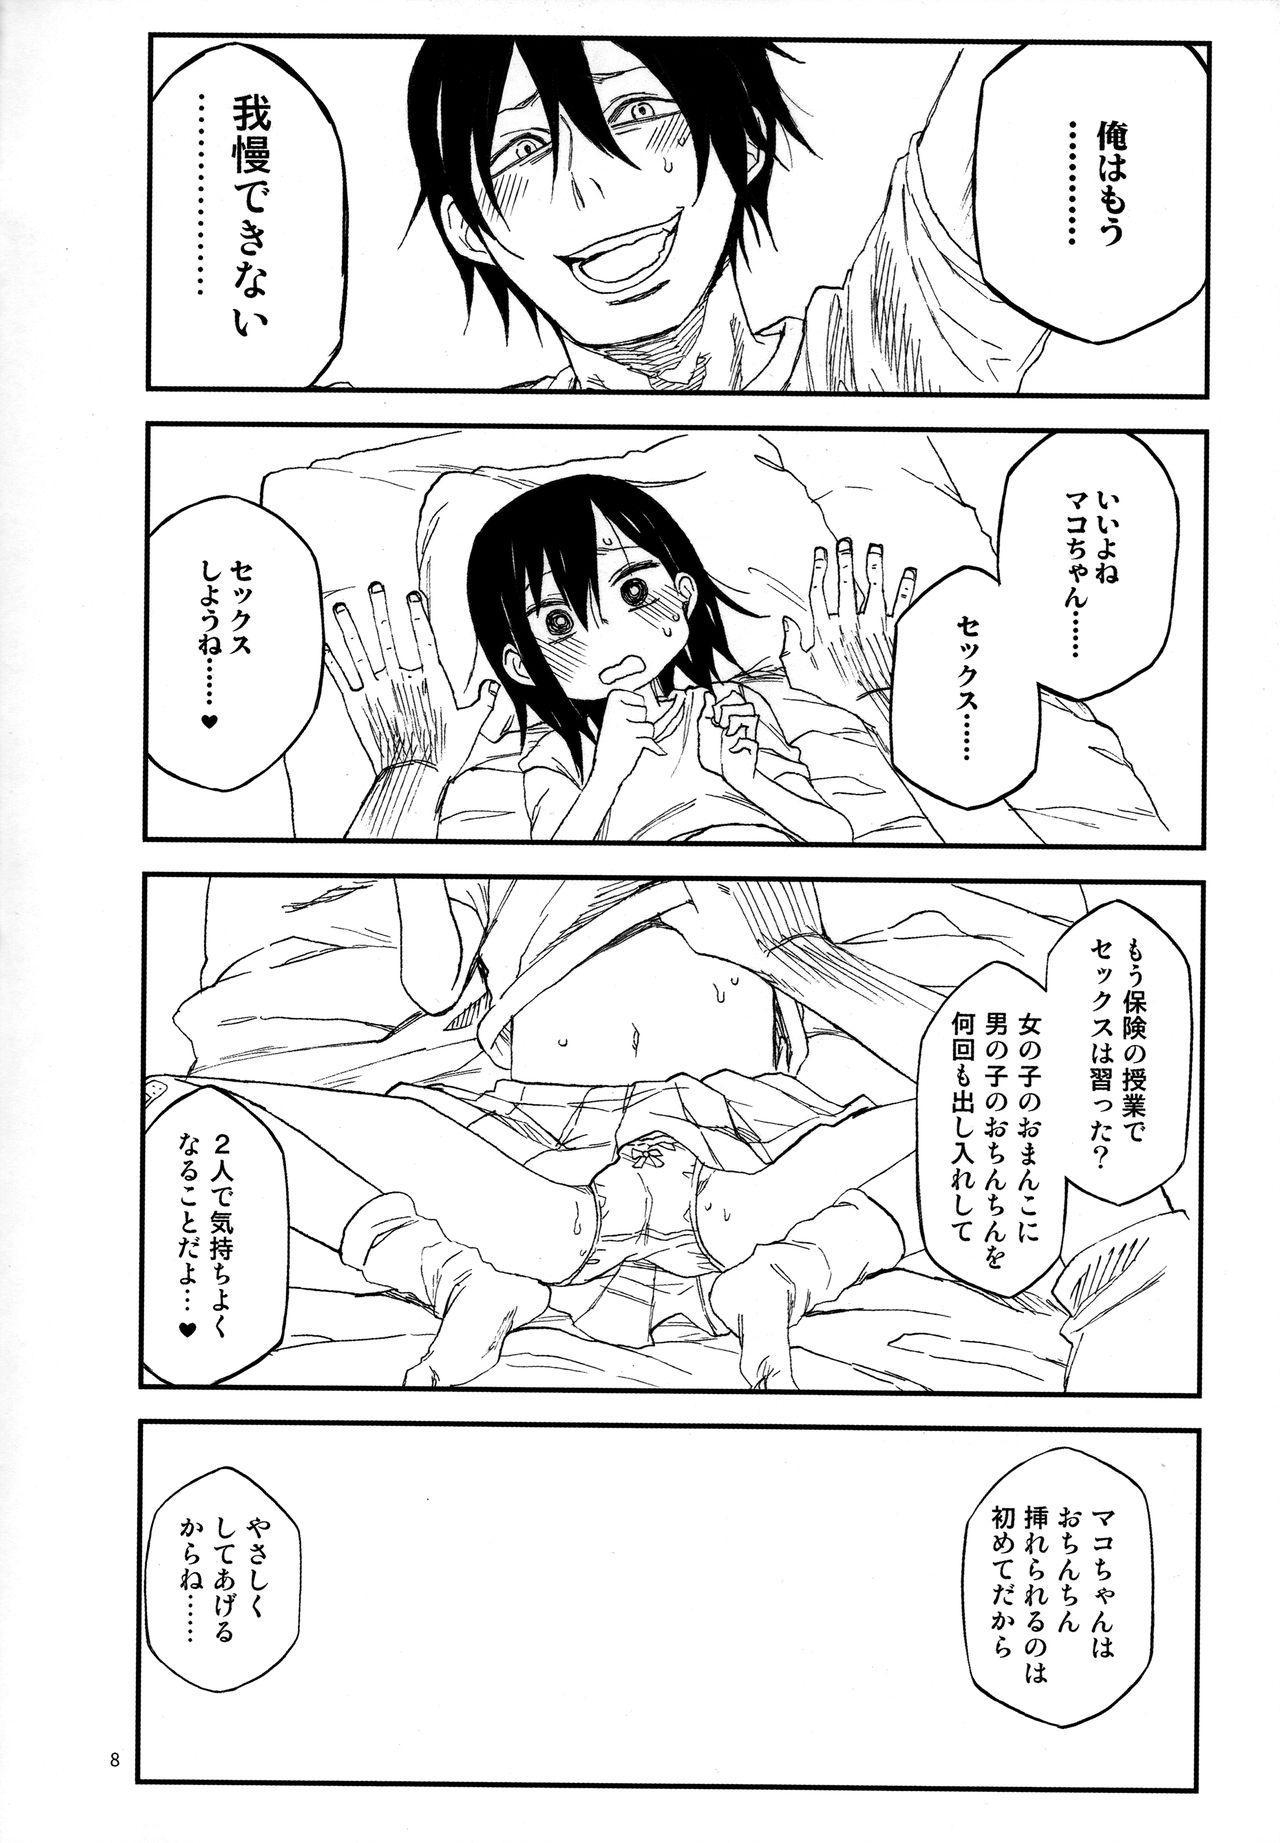 Tonari no Mako-chan Vol. 3 7